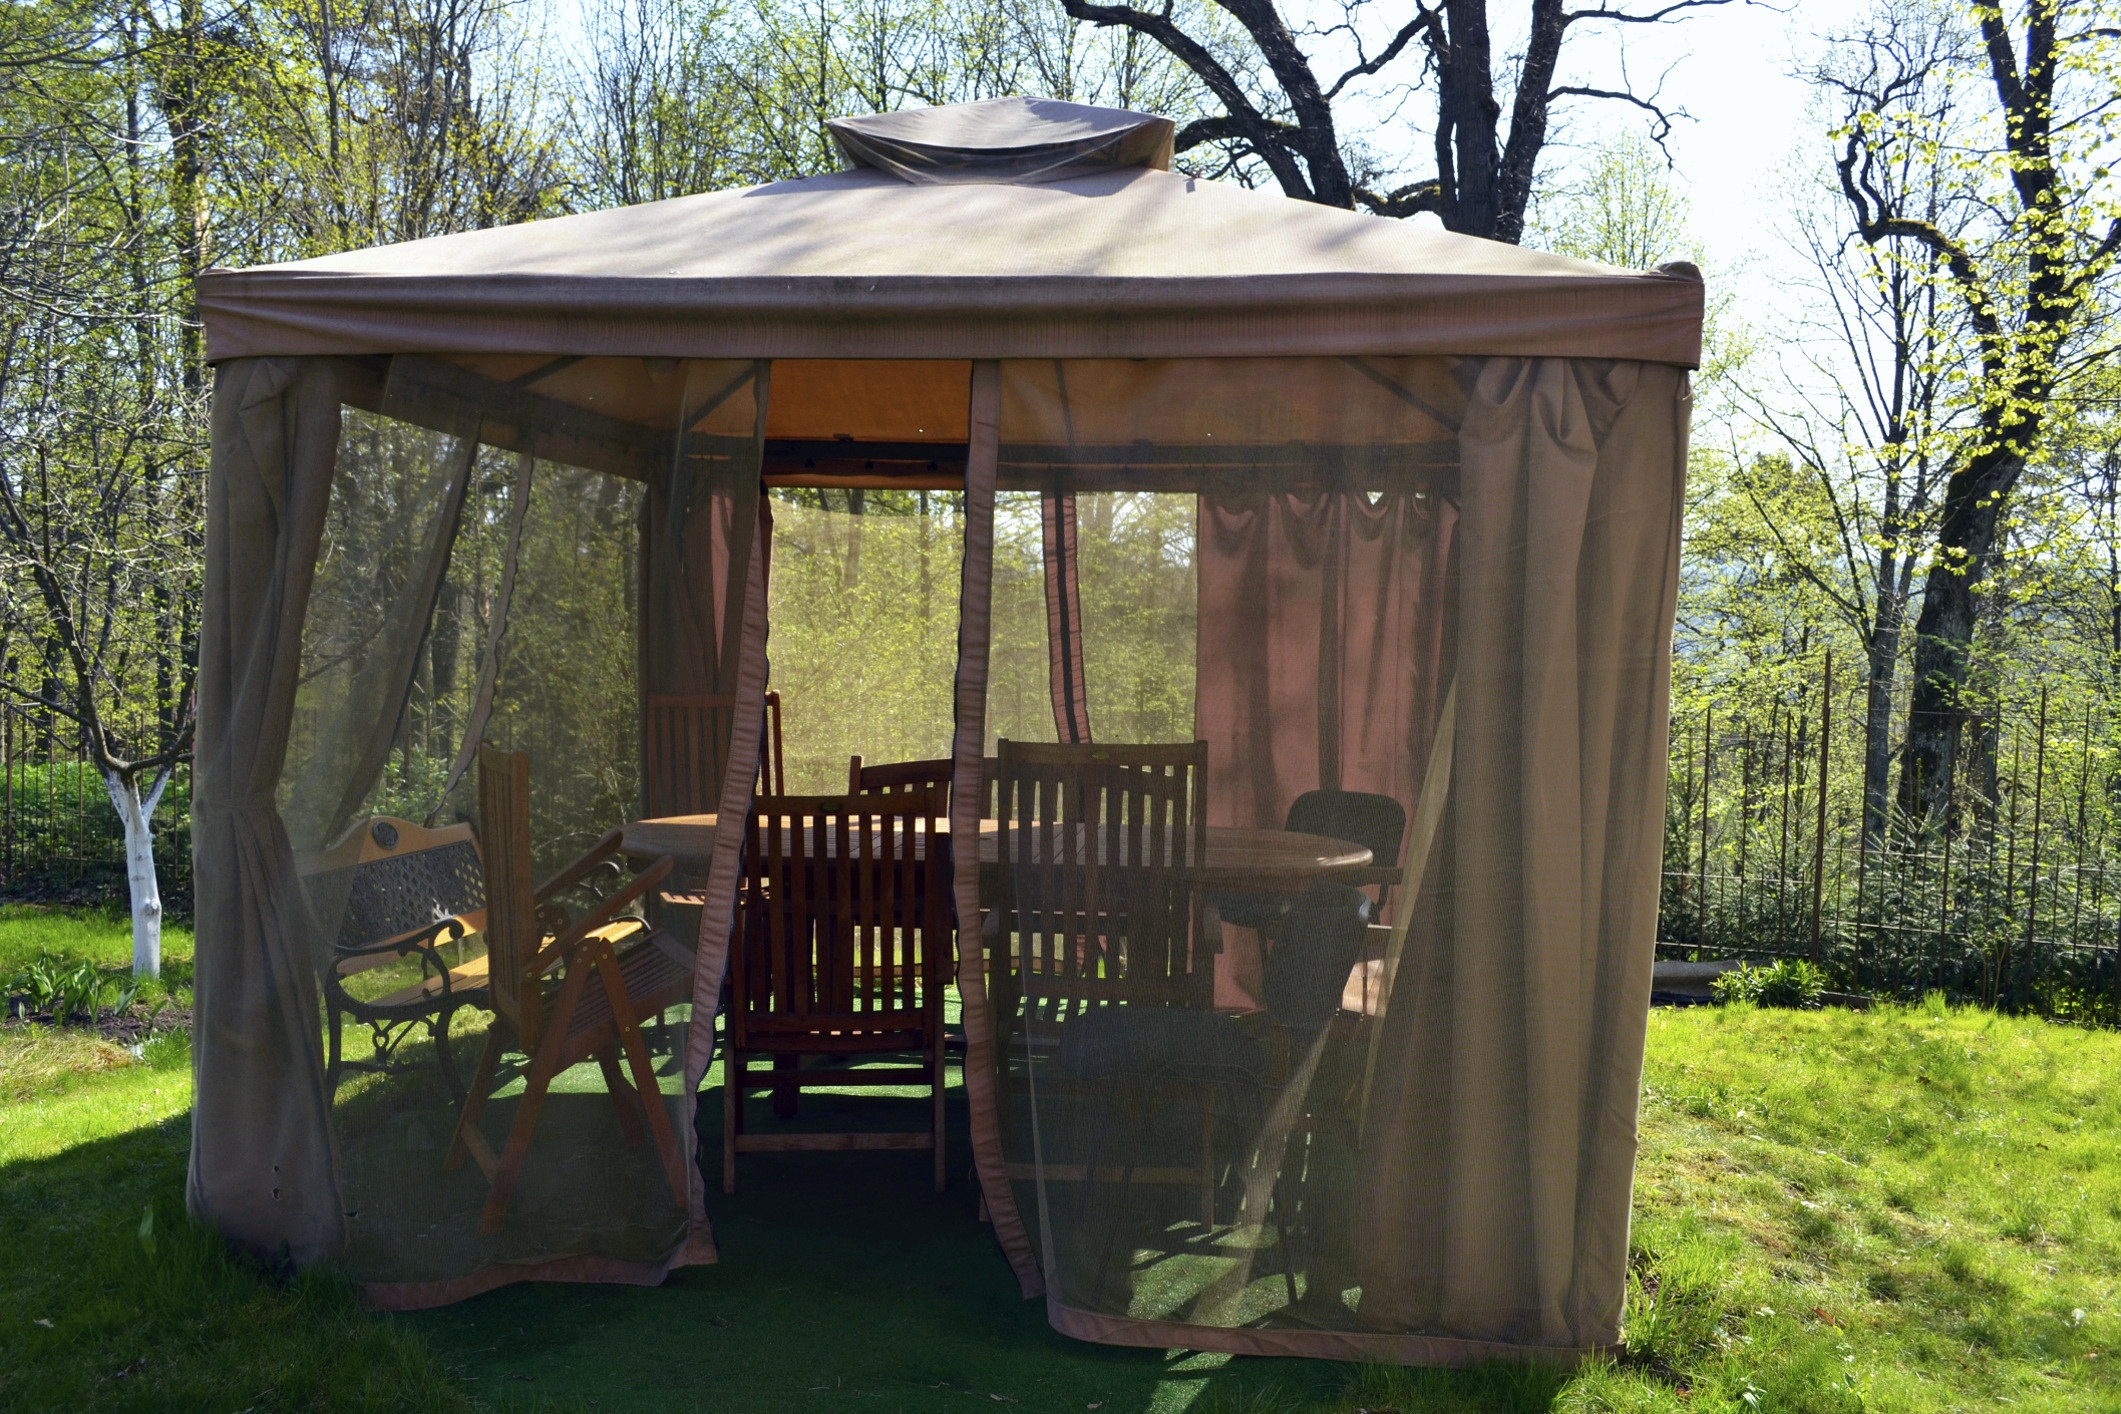 Abris De Jardin Bois Castorama Luxe Images 38 Unique Image De Plancher Bois Castorama